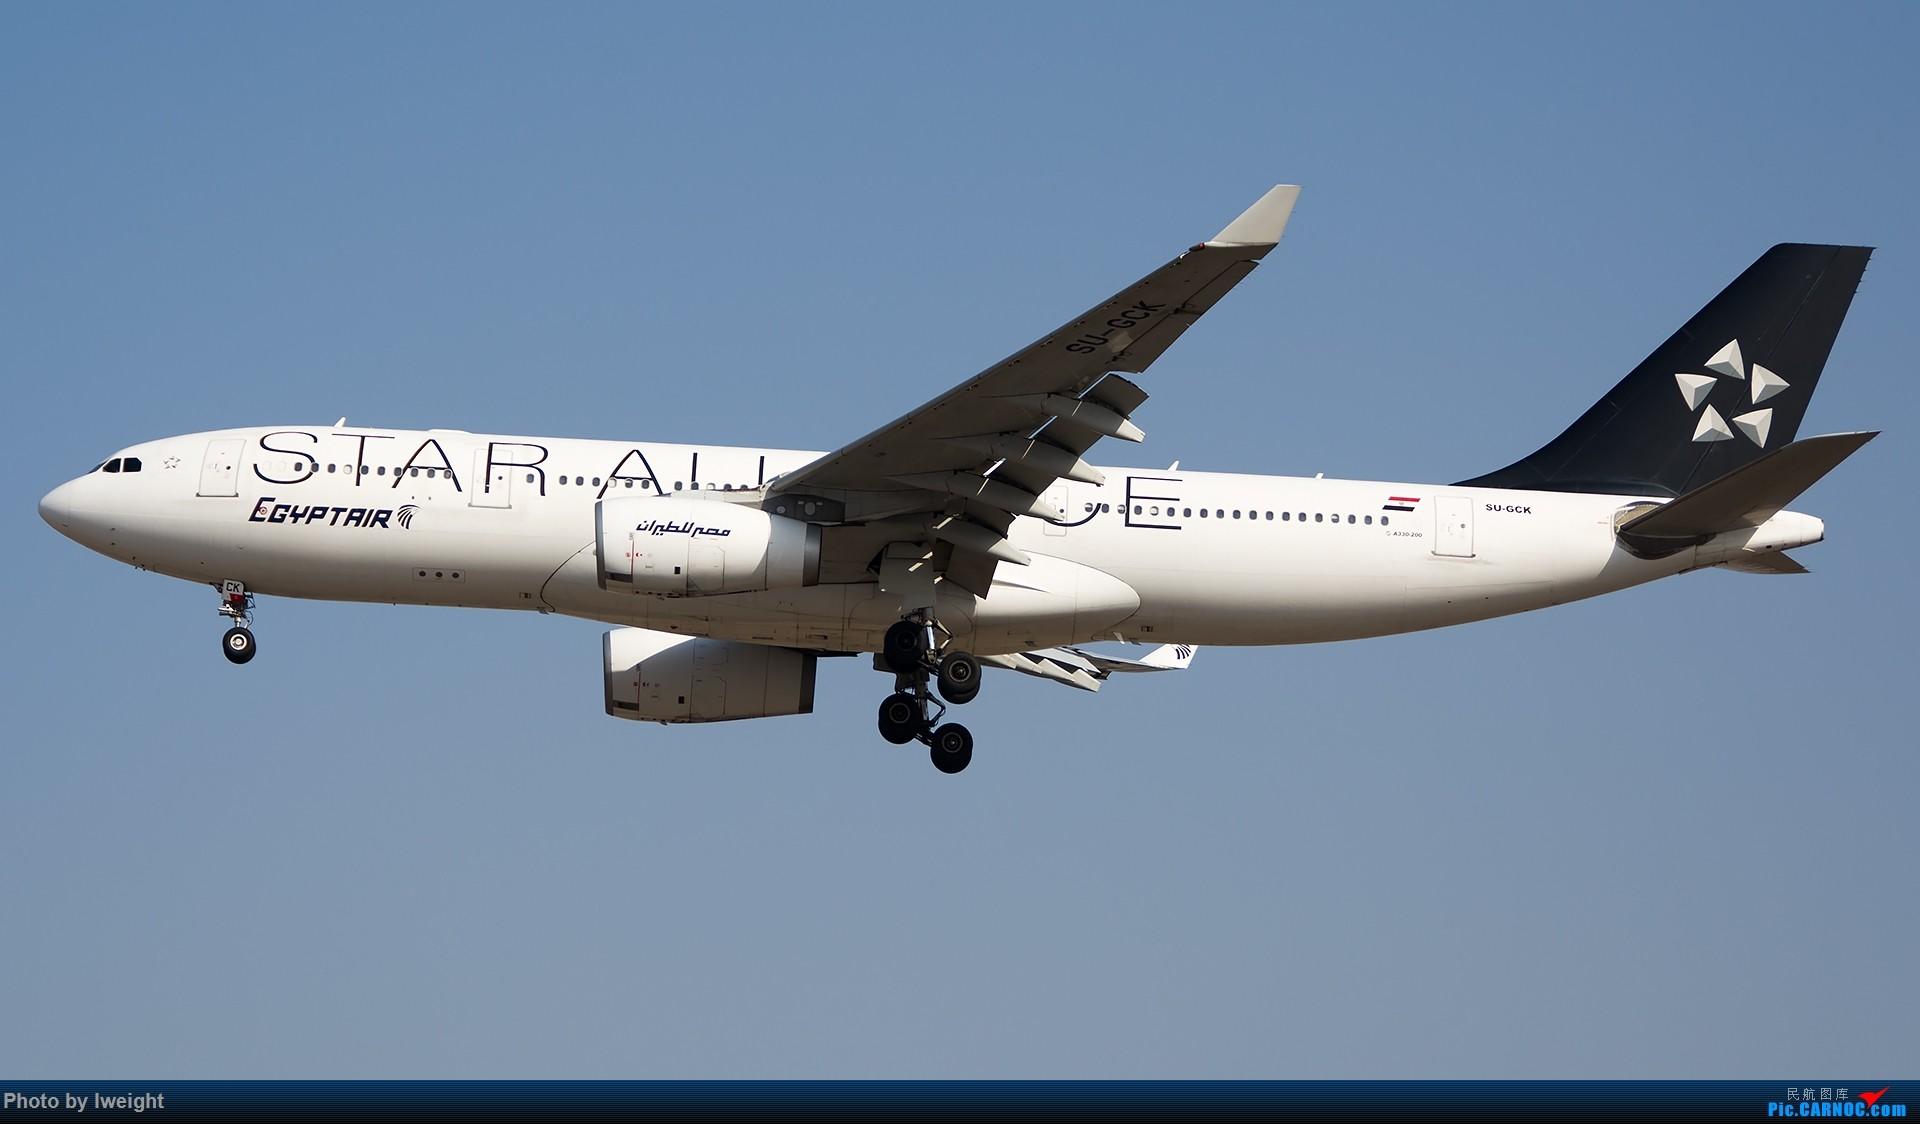 Re:[原创]羊年第一次拍机,首都机场[2015-2-23] AIRBUS A330-200 SU-GCK 中国北京首都国际机场